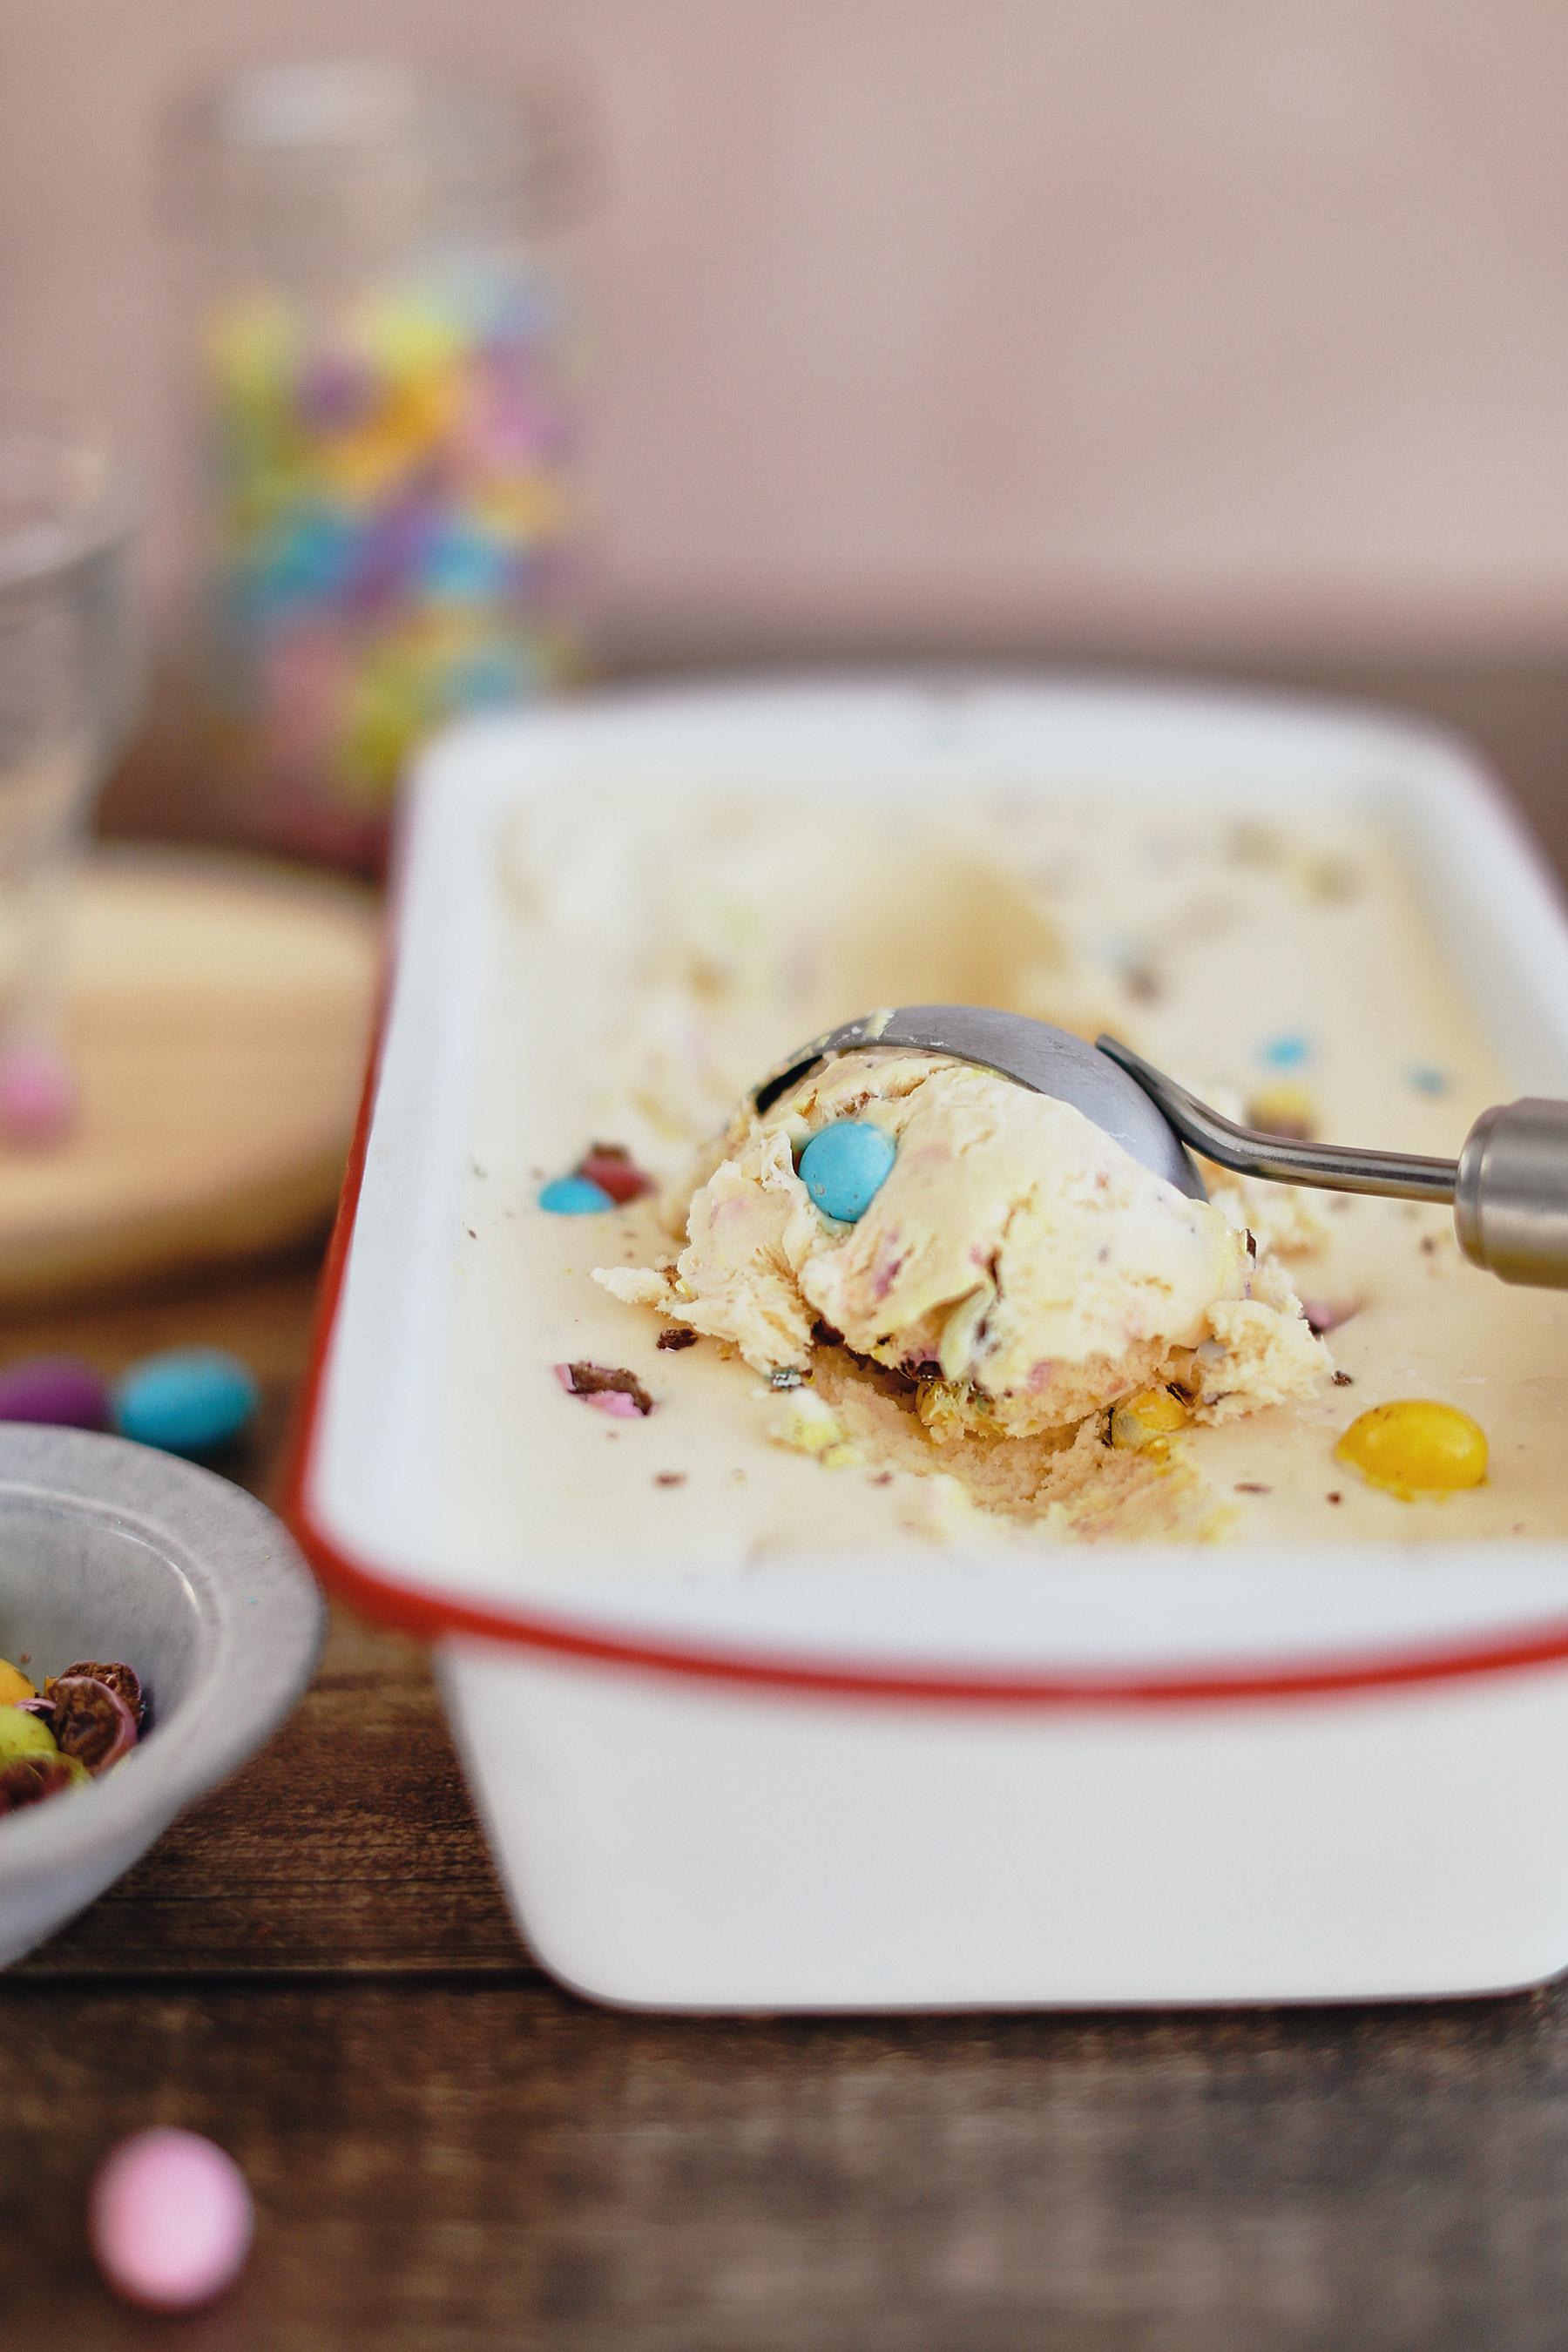 FUNFETTI-SPECKLED-EGG-ICE-CREAM-CAKE-8